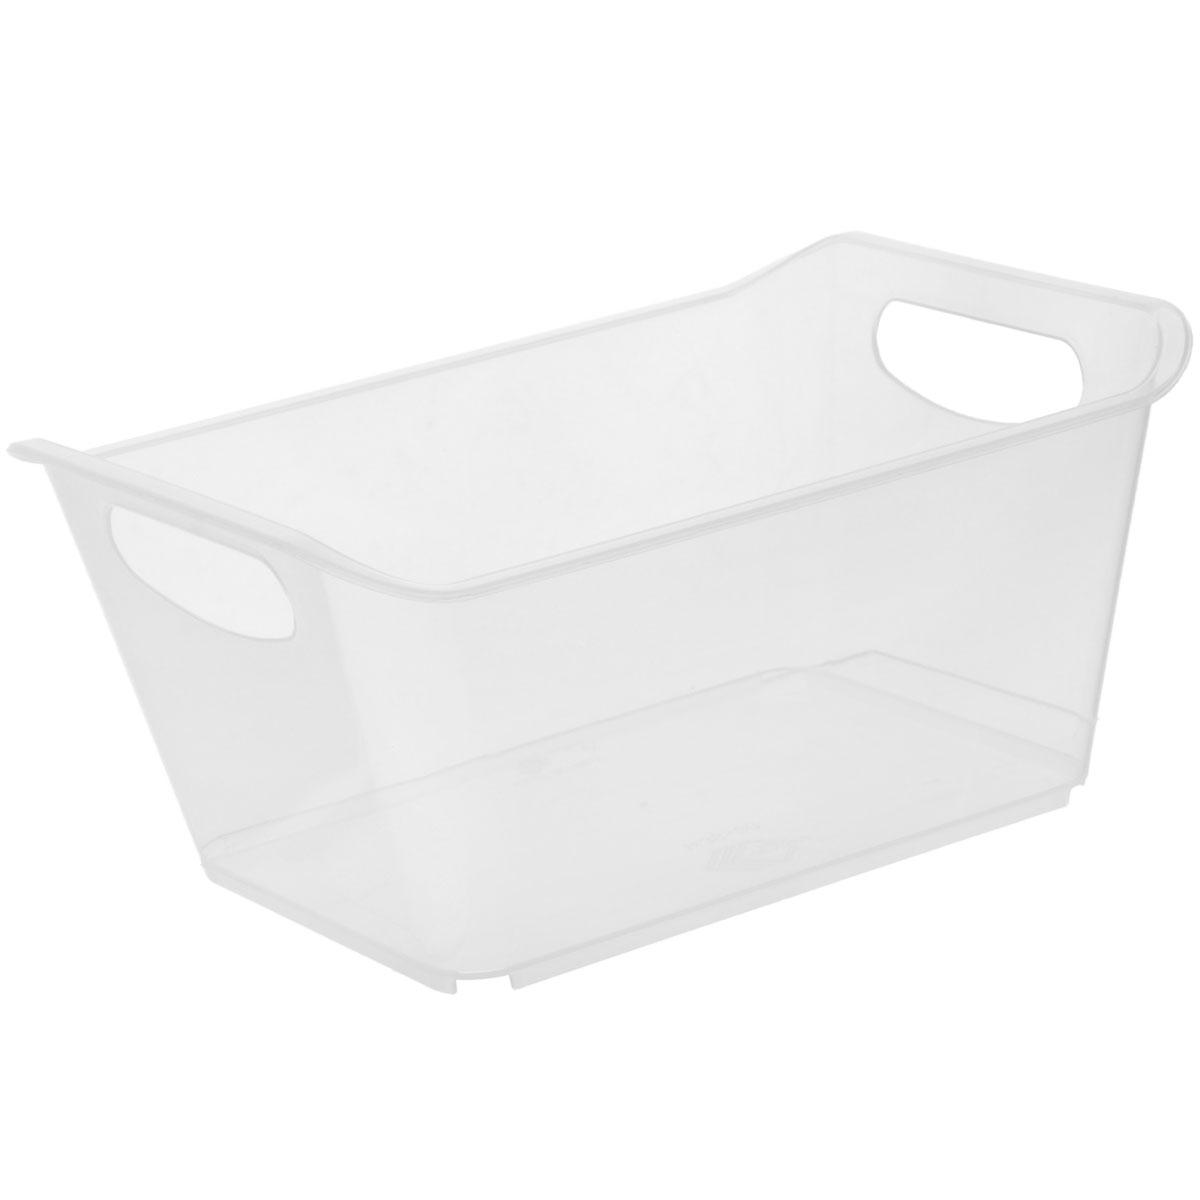 Контейнер Gensini, цвет: прозрачный, 1,5 л12723Контейнер Gensini выполнен из прочного пластика. Он предназначен для хранения различных мелких вещей в ванной, на кухне, даче или гараже, исключая возможность их потери. По бокам контейнера предусмотрены две удобные ручки для его переноски.Контейнер поможет хранить все в одном месте, а также защитить вещи от пыли, грязи и влаги. Объем: 1,5 л.